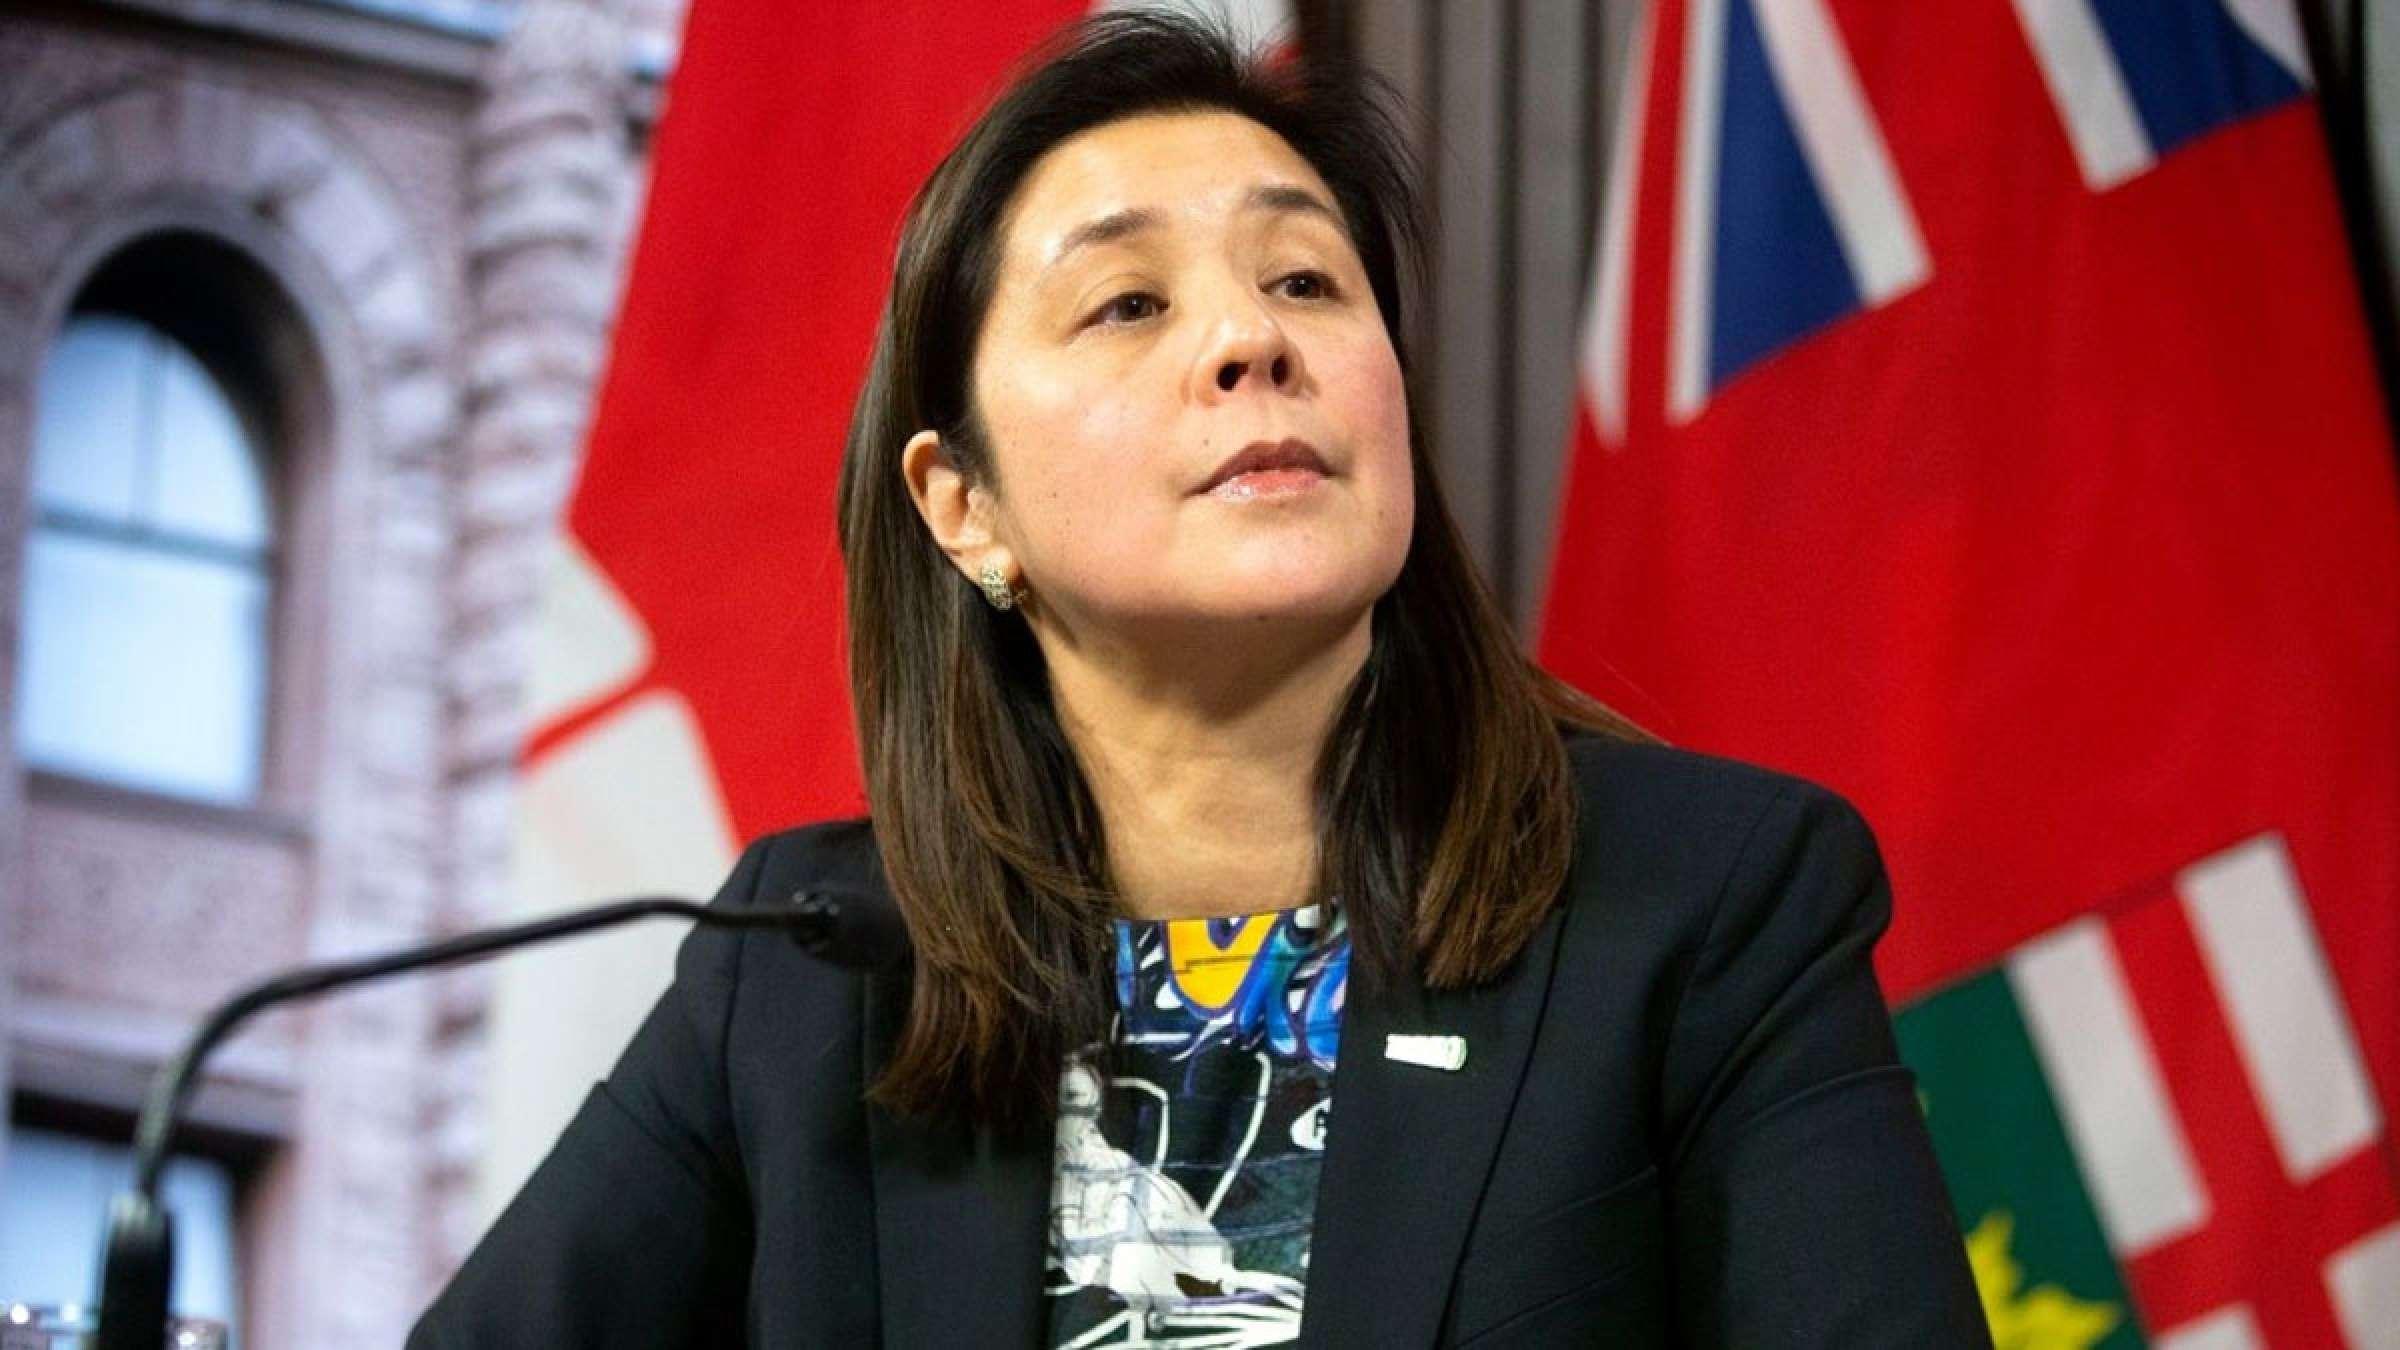 اخبار-تورنتو-پزشکان-انتاریویی-به-فورد-نگذار-مردم-بیرون-بیایند-اتحادیه-معلمان-۱۱-مدرسه-را-بست